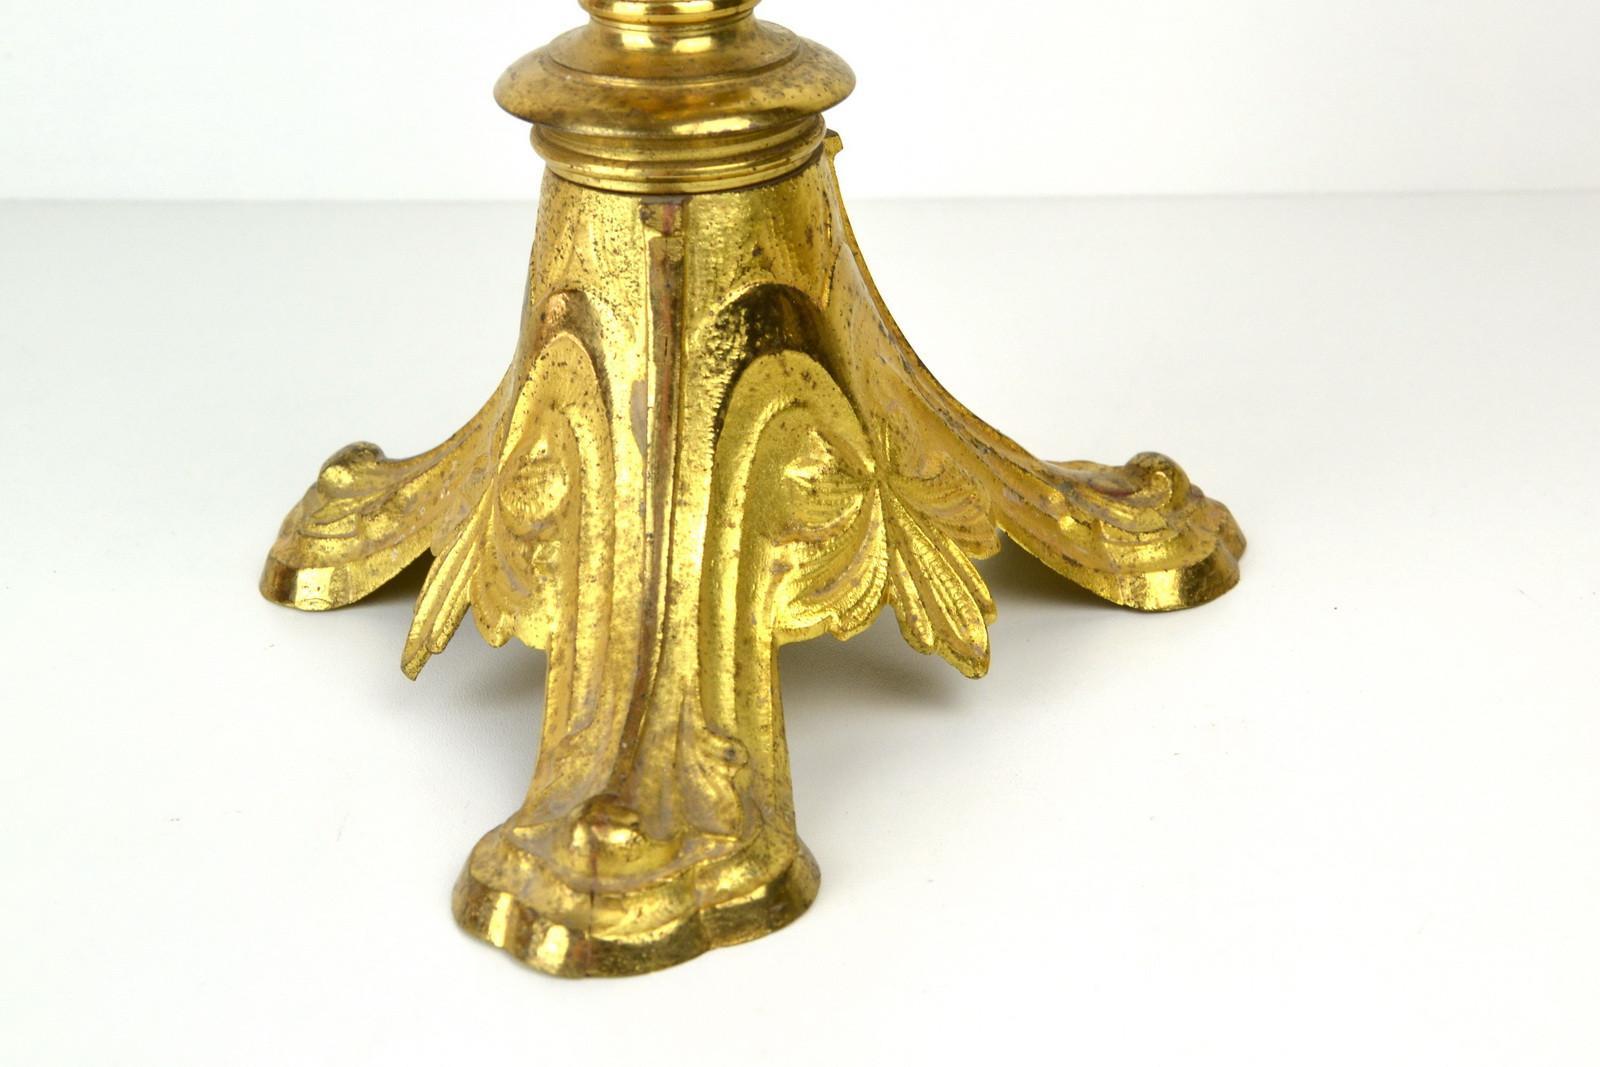 candelabro-antico-bronzo-dorato-6,1549.jpg?WebbinsCacheCounter=1